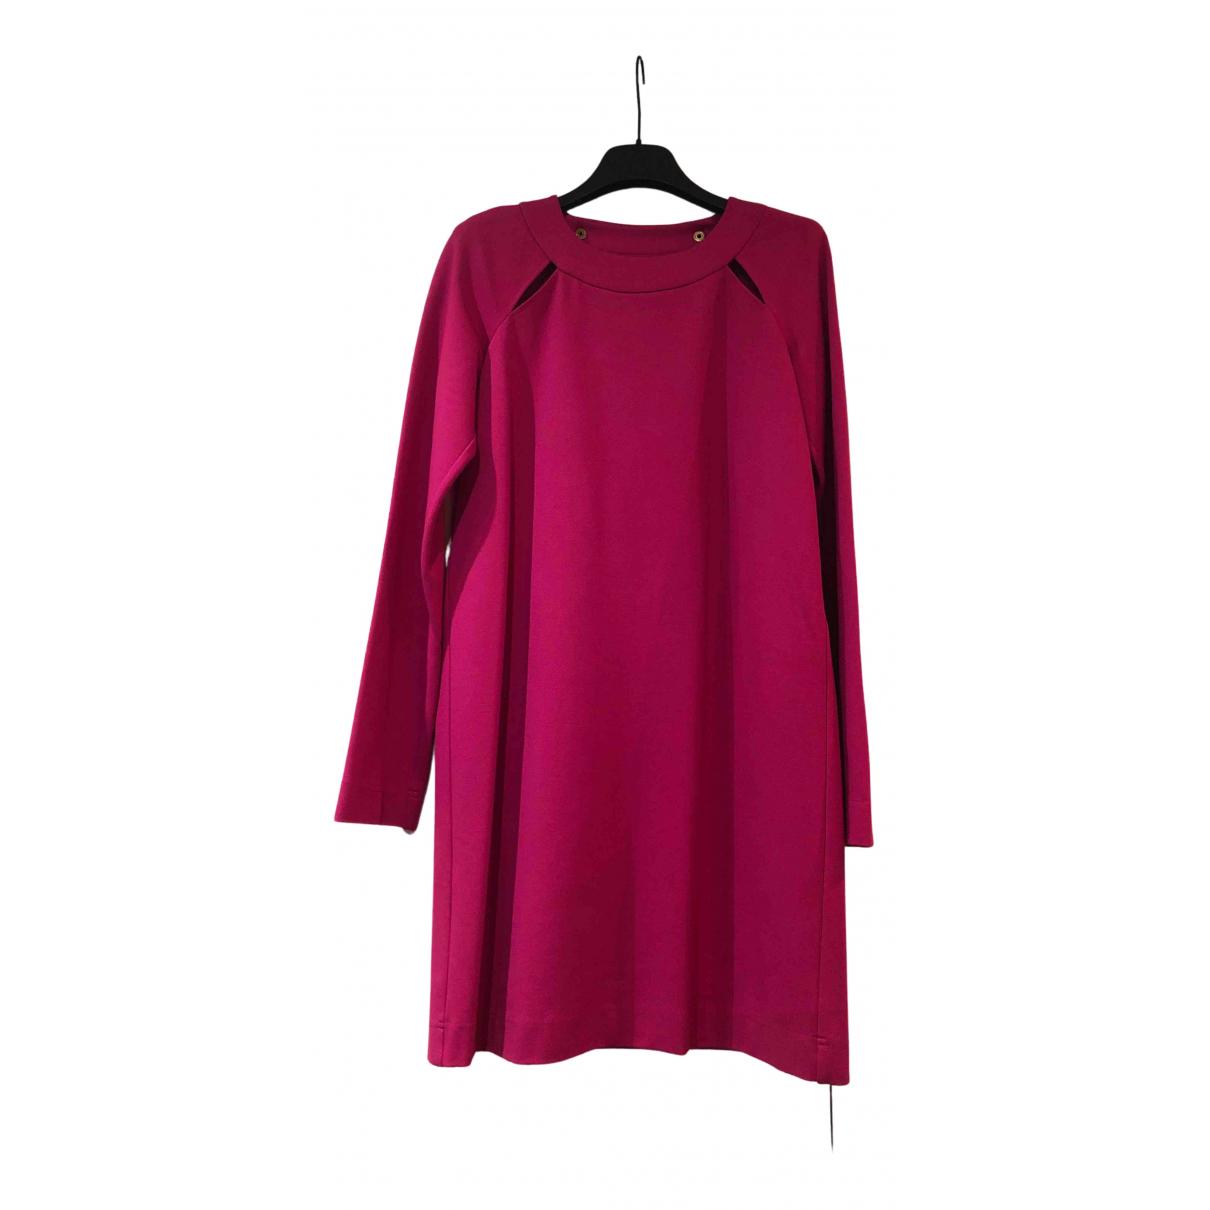 M Missoni \N Kleid in  Rosa Viskose